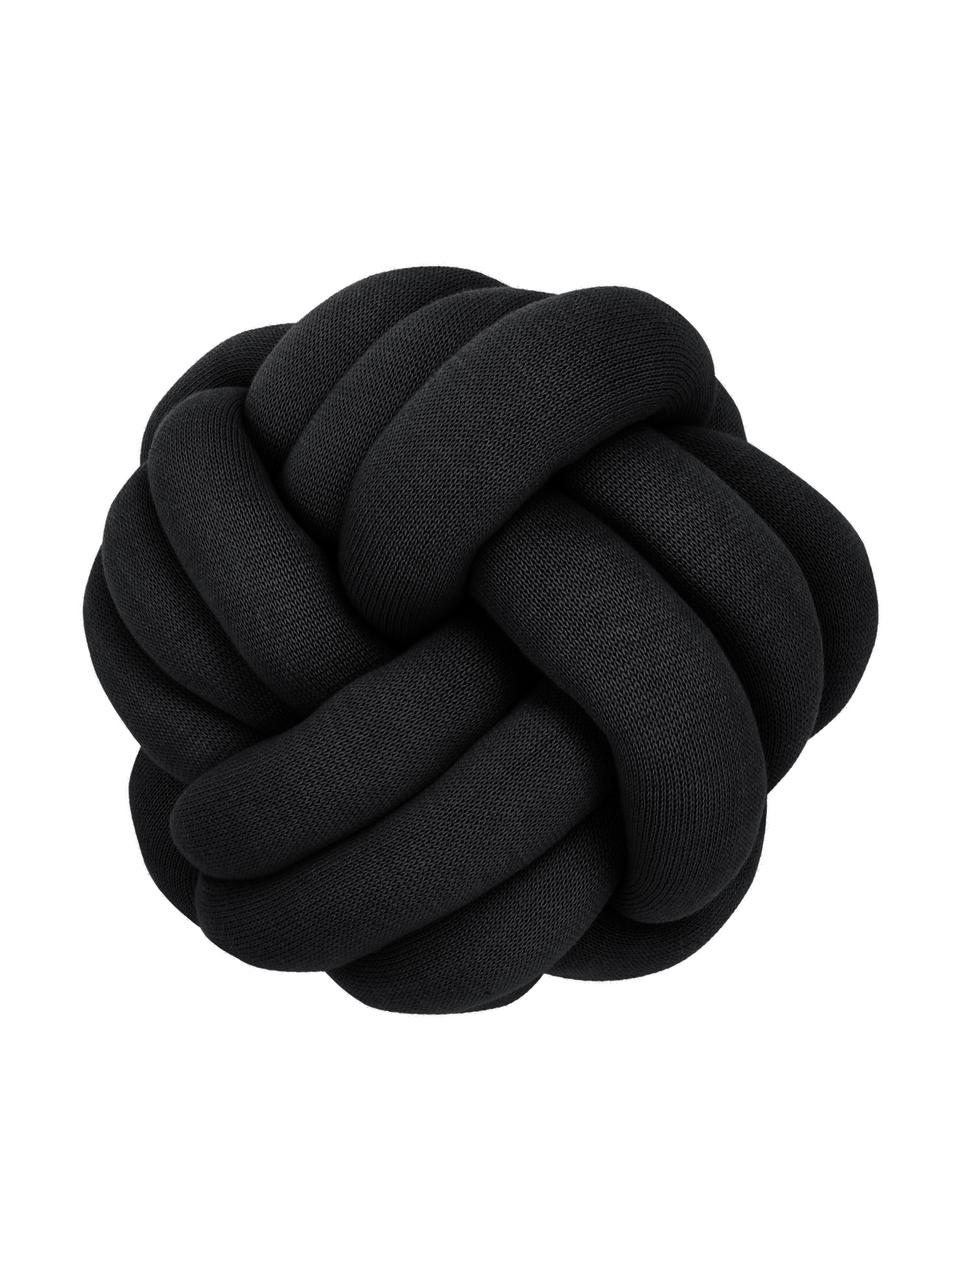 Poduszka supeł Twist, Czarny, Ø 30 cm